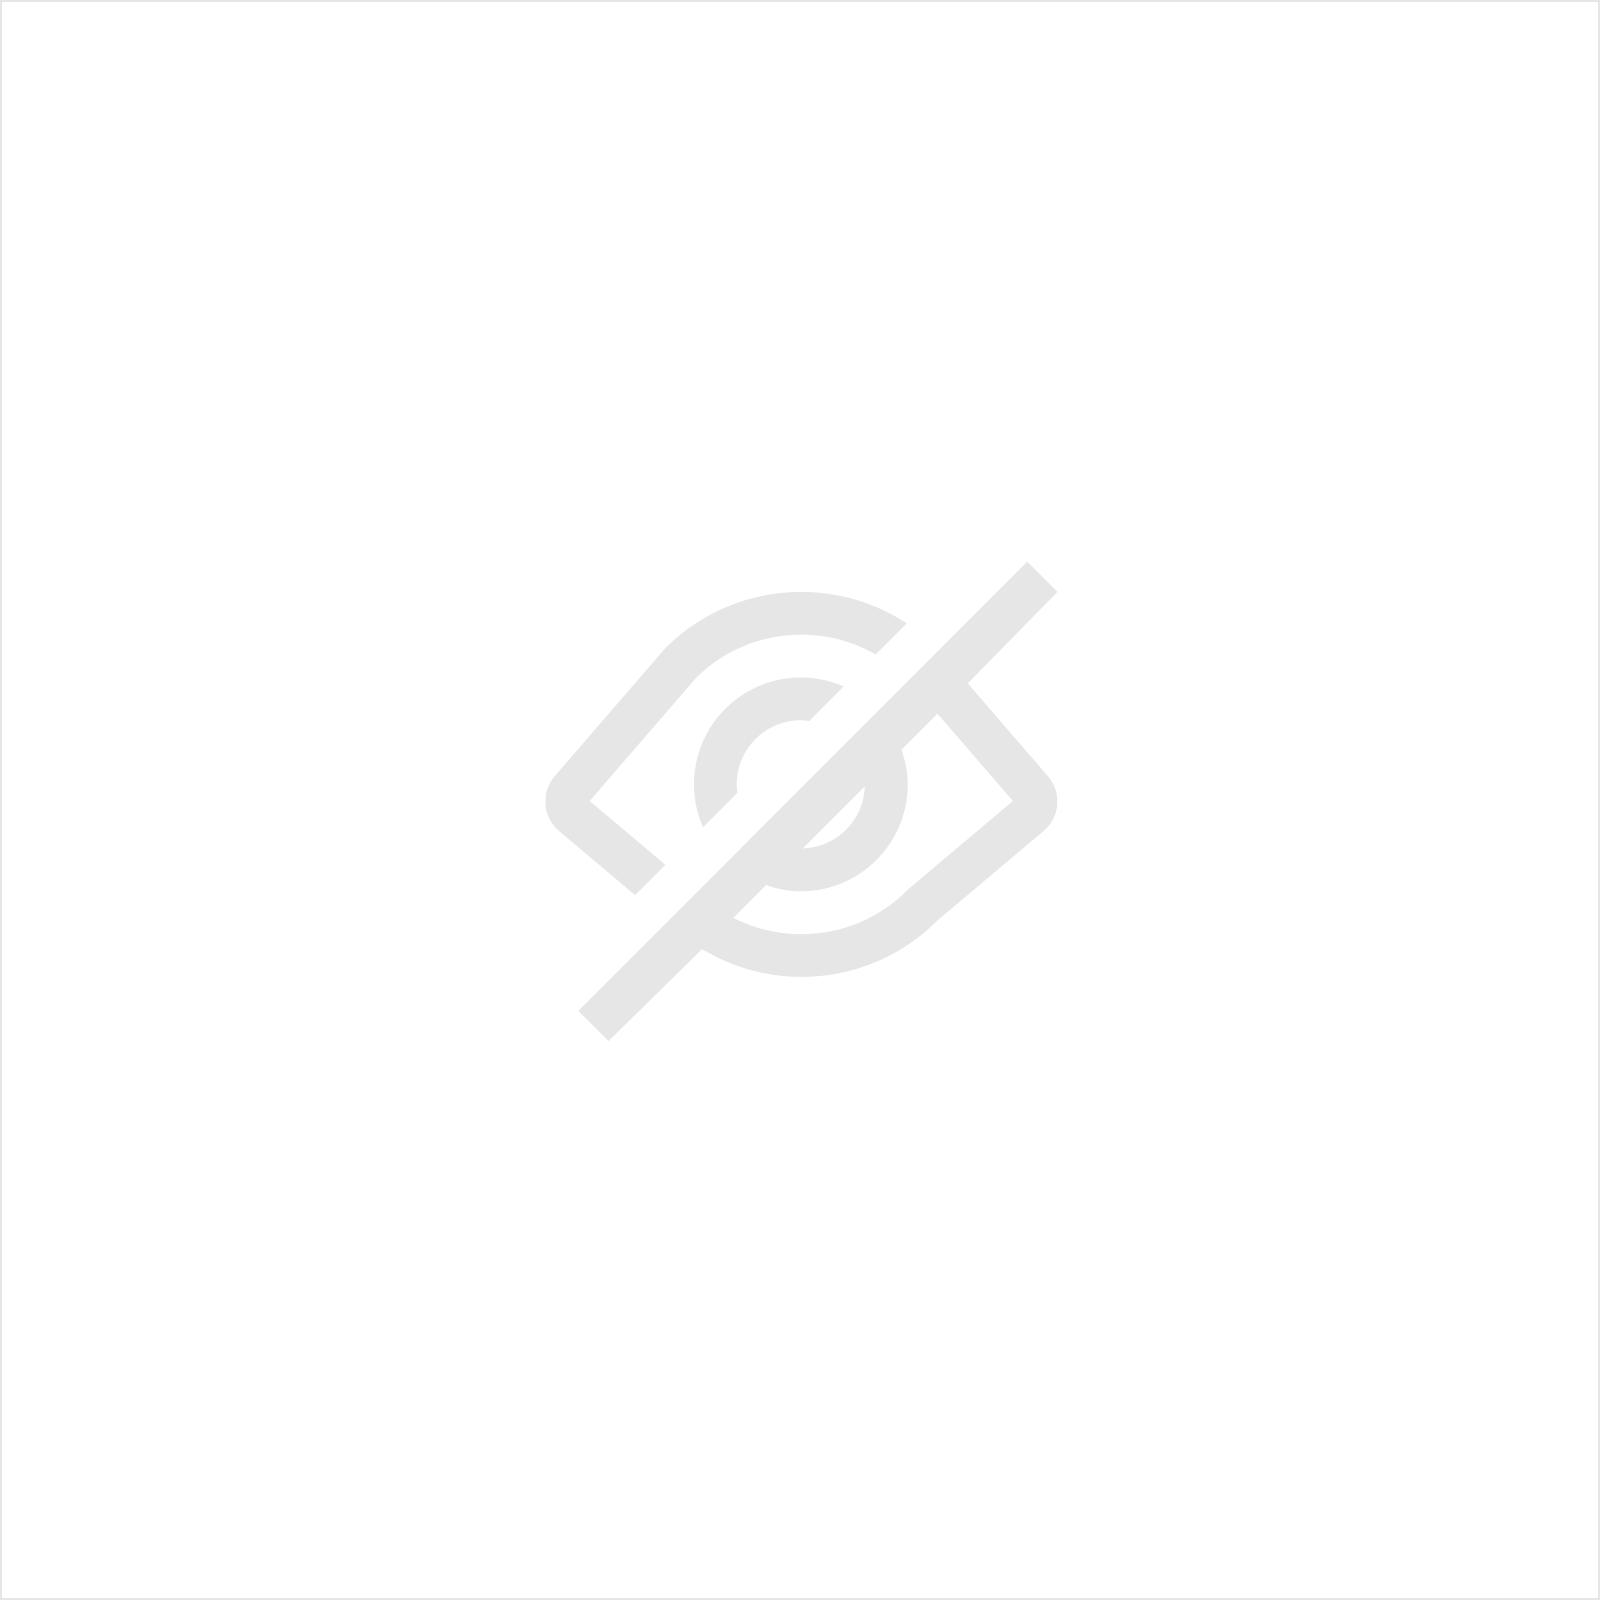 JEU DE MOLETTES OPTIONNELLES - FLAT BEAD ROLL 3/16 - POUR BORDEUSE MOULUREUSE